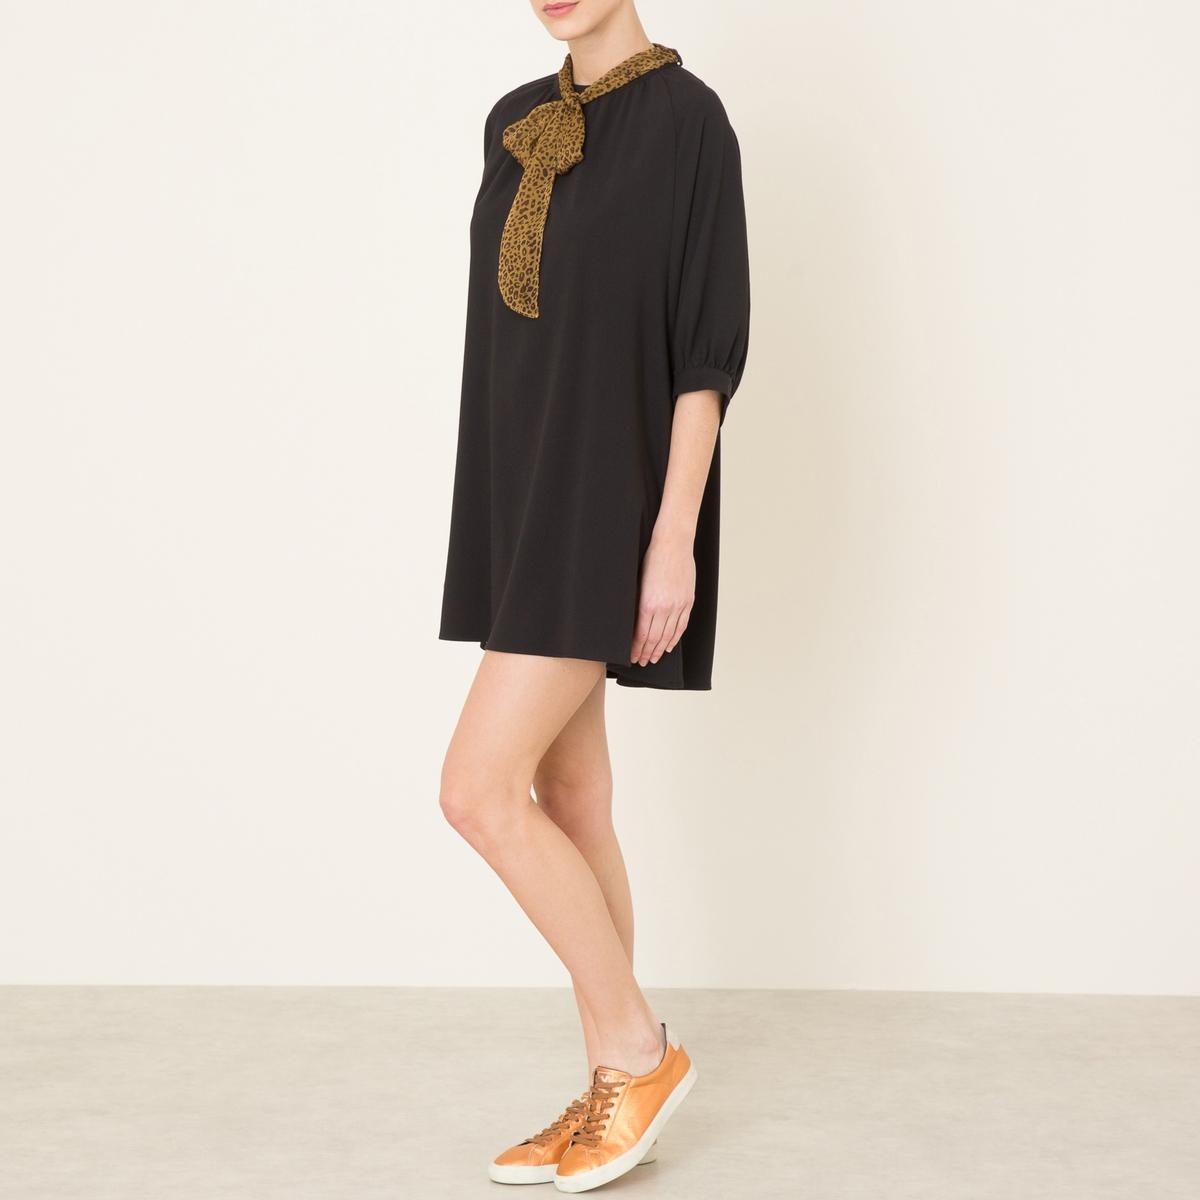 Платье струящееся с платочным рисункомСостав и описание    Материал : 97% полиэстера, 3% эластана   Длина : ок.85 см. для размера 36   Марка : SISTER JANE<br><br>Цвет: черный<br>Размер: L